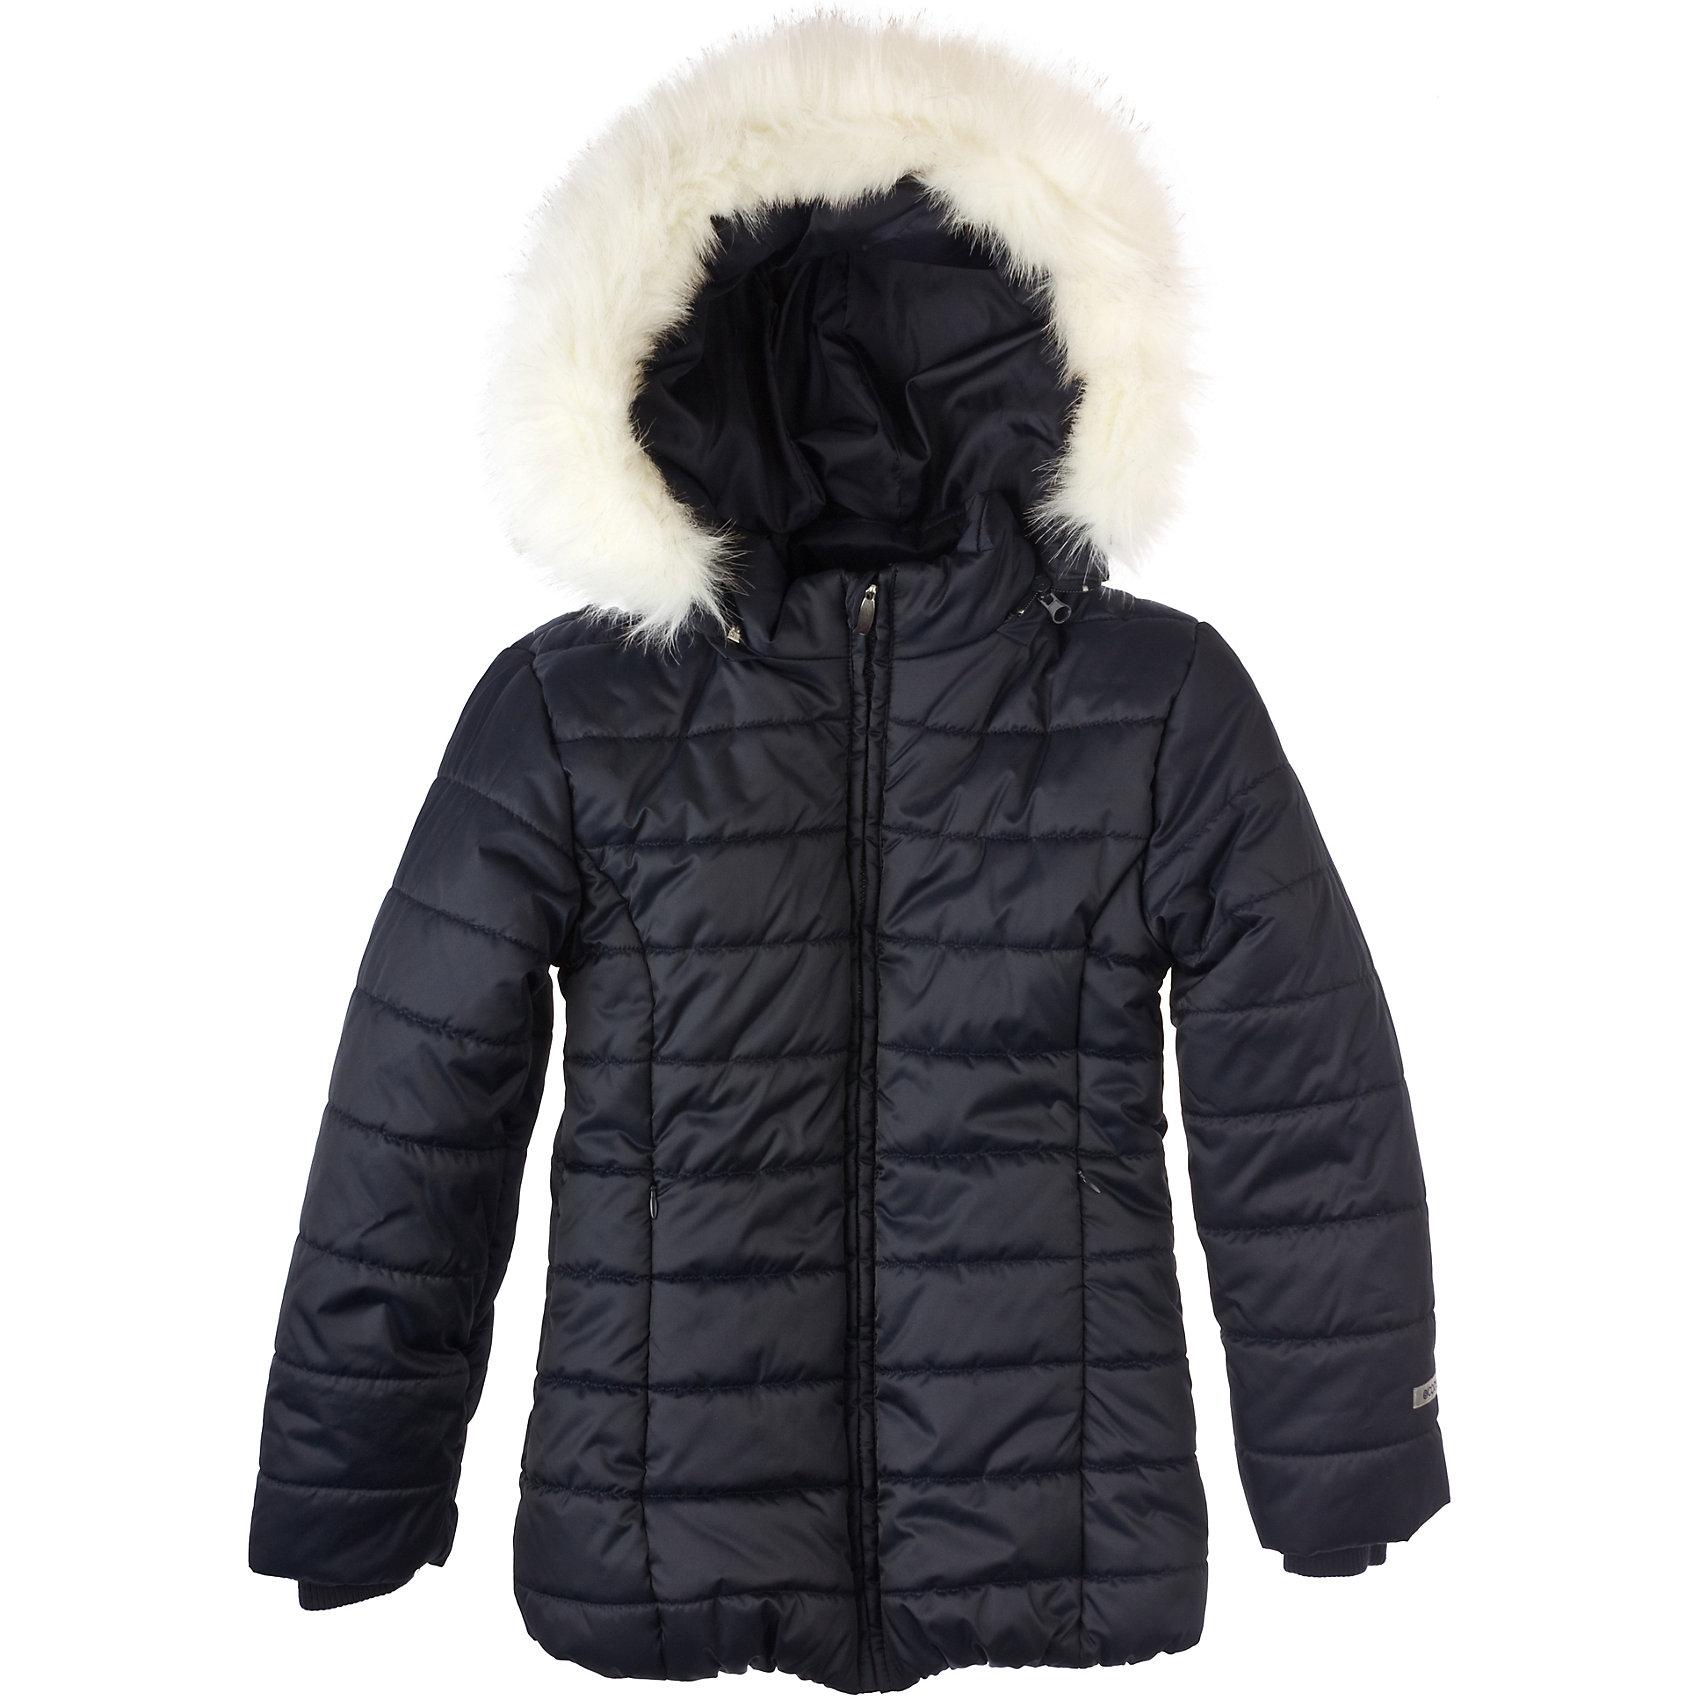 Куртка для девочки ScoolВерхняя одежда<br>Куртка для девочки Scool Утепленная куртка с капюшоном на флисовой подкладке. Застежка - молния. В комплекте прилагается искусственный мех для капюшона. Состав: Верх: 100% полиэстер, Подкладка: 100% полиэстер, Утеплитель: 100% полиэстер<br><br>Ширина мм: 356<br>Глубина мм: 10<br>Высота мм: 245<br>Вес г: 519<br>Цвет: разноцветный<br>Возраст от месяцев: 96<br>Возраст до месяцев: 108<br>Пол: Женский<br>Возраст: Детский<br>Размер: 134,140,146,158,164,152<br>SKU: 4228328